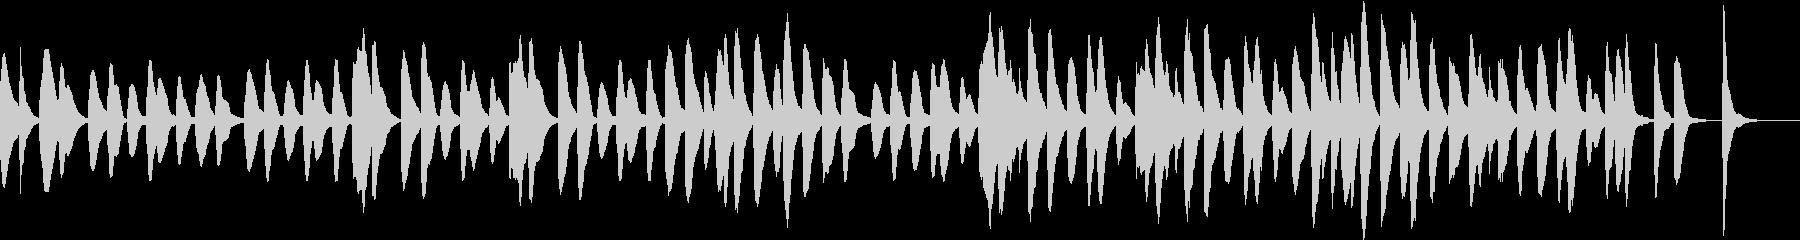 マリンバのコミカルでかわいいジングル1の未再生の波形